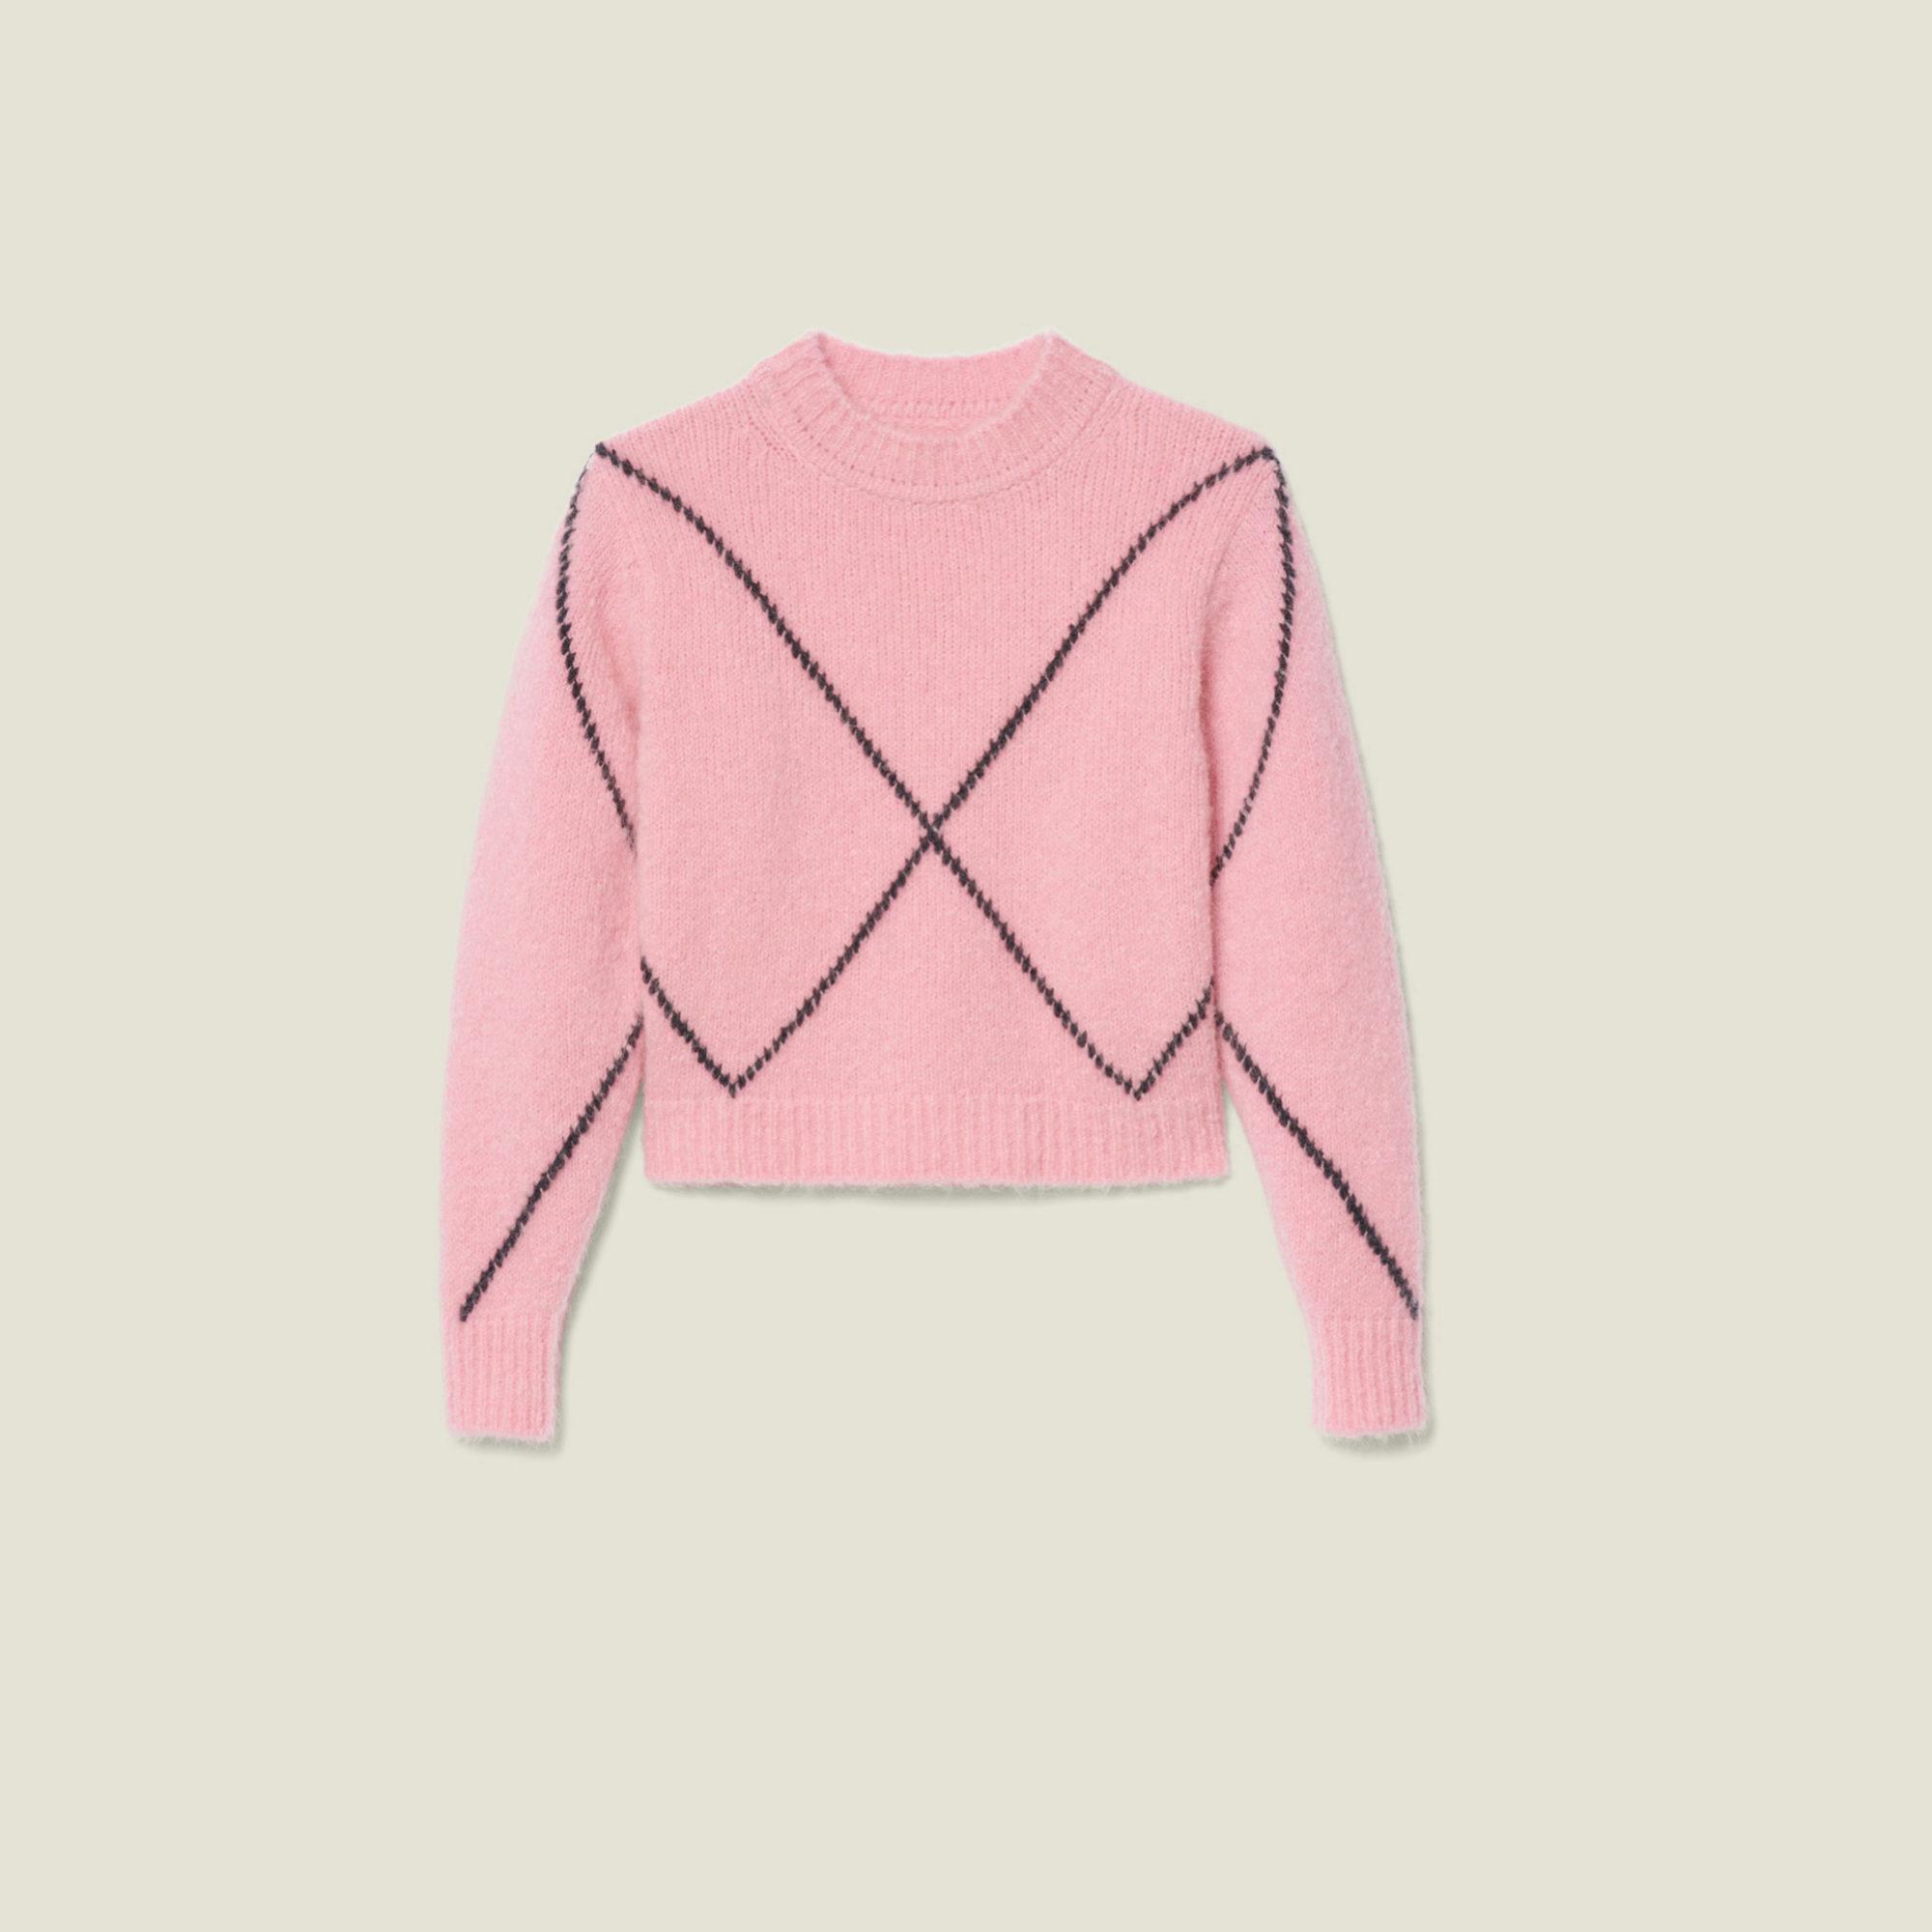 Jersey rosa con detalles geométricos en negro de Sandro